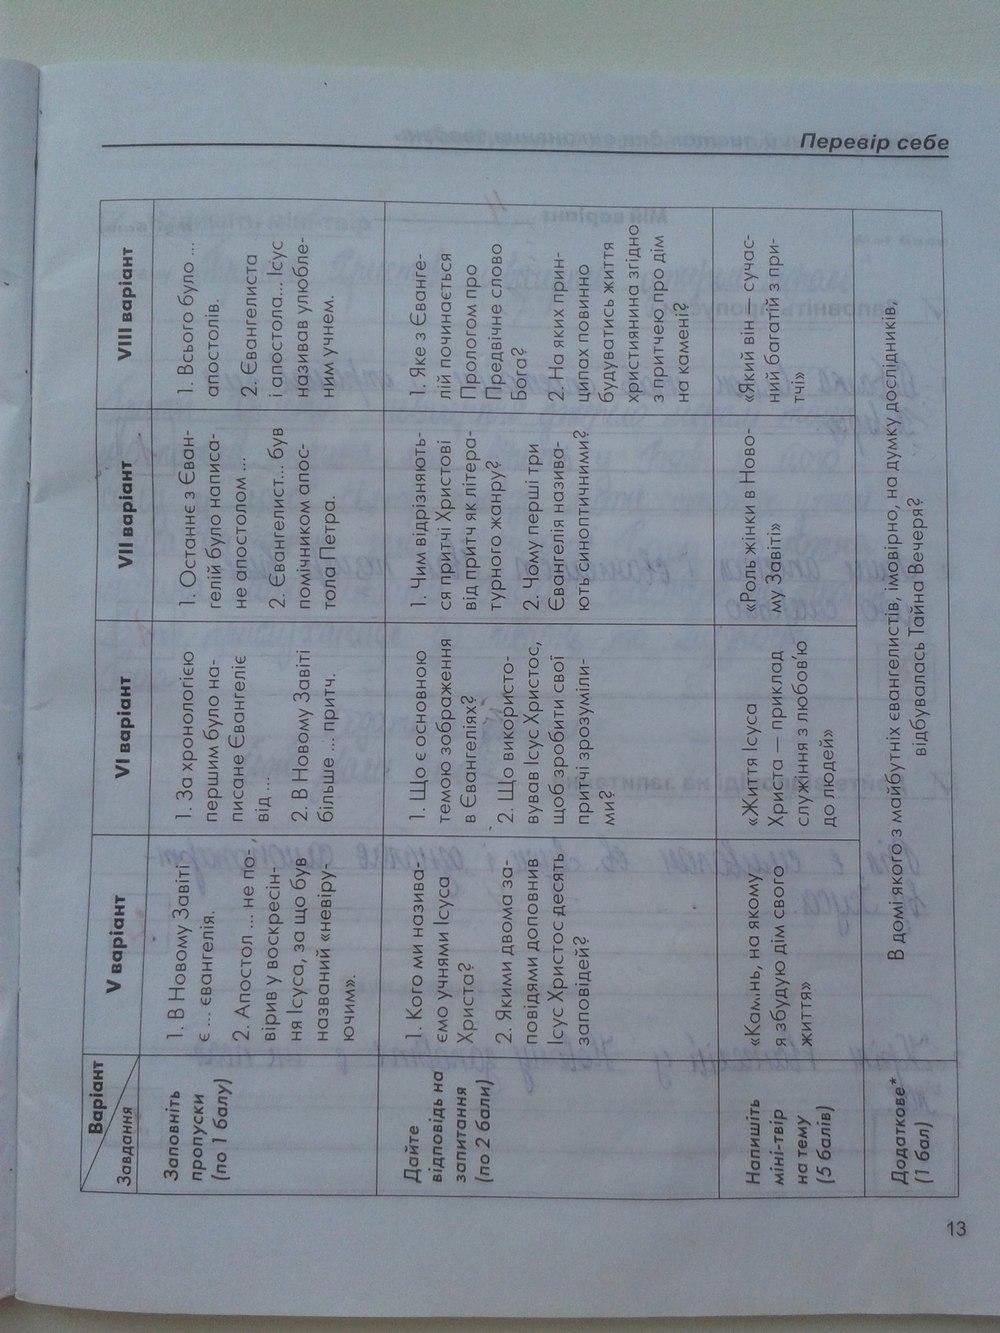 ГДЗ відповіді робочий зошит по этике 6 класс Г.О. Кізілова. Задание: стр. 13